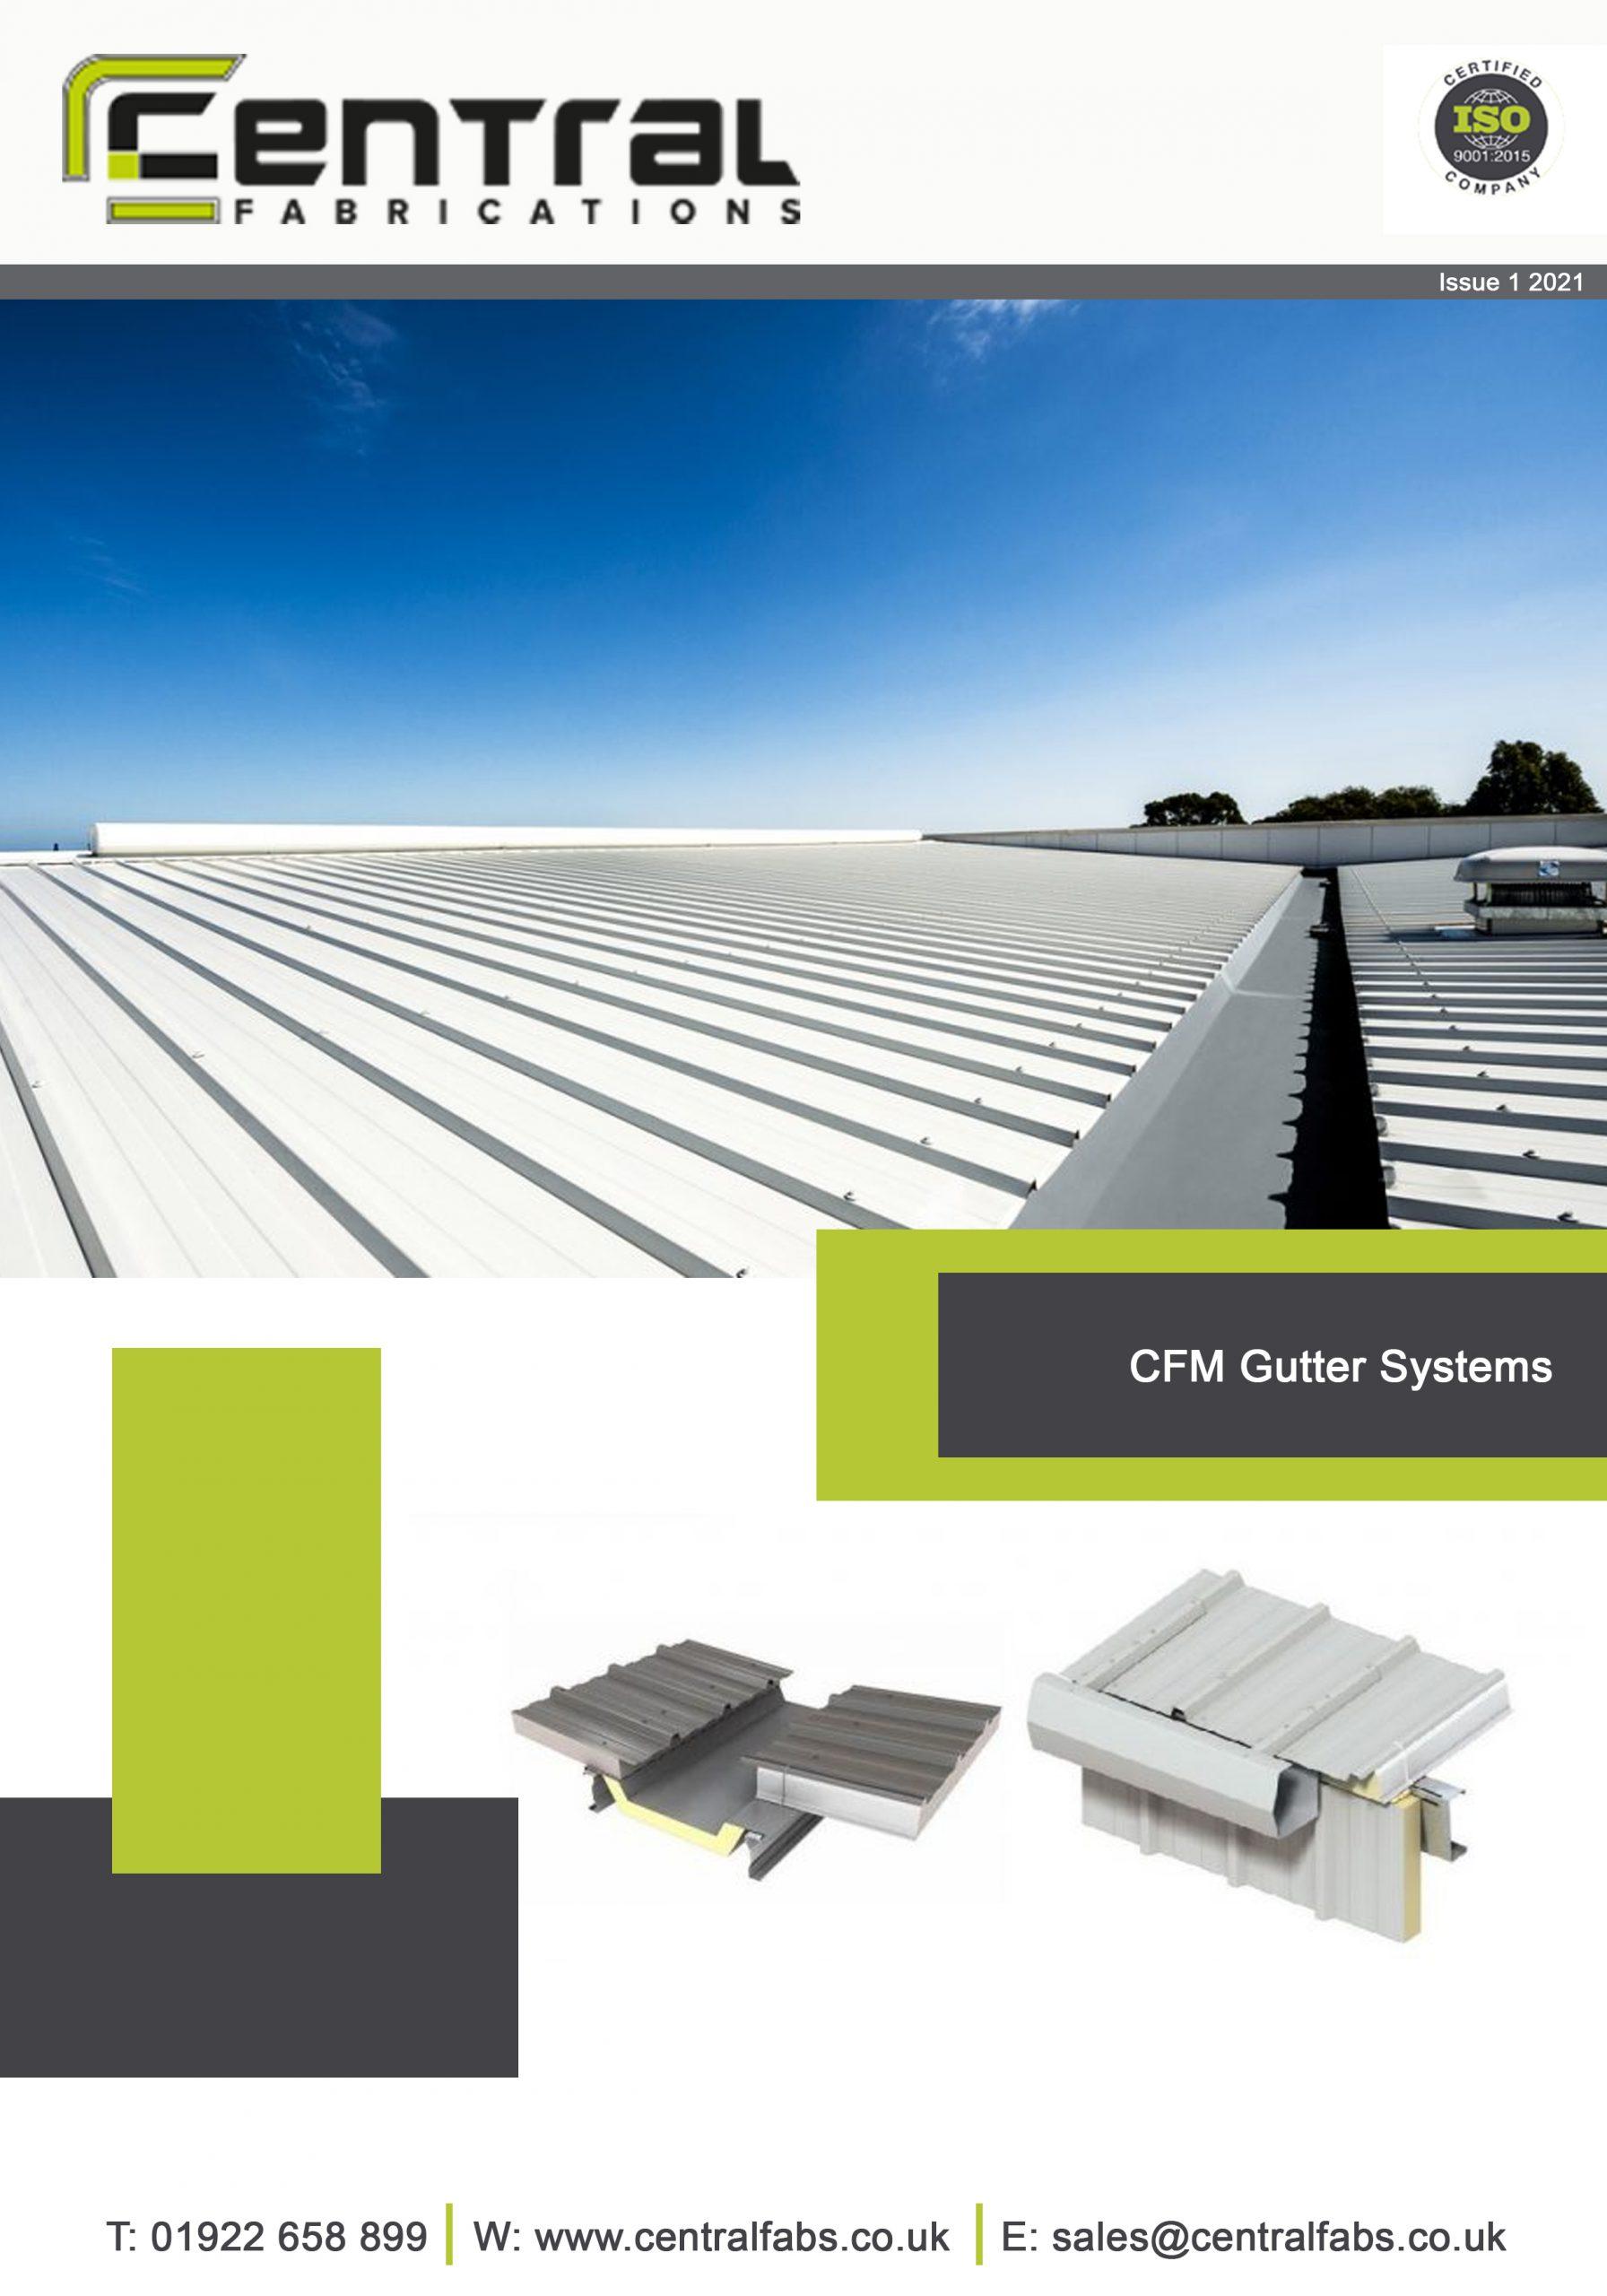 CFM Gutter Systems